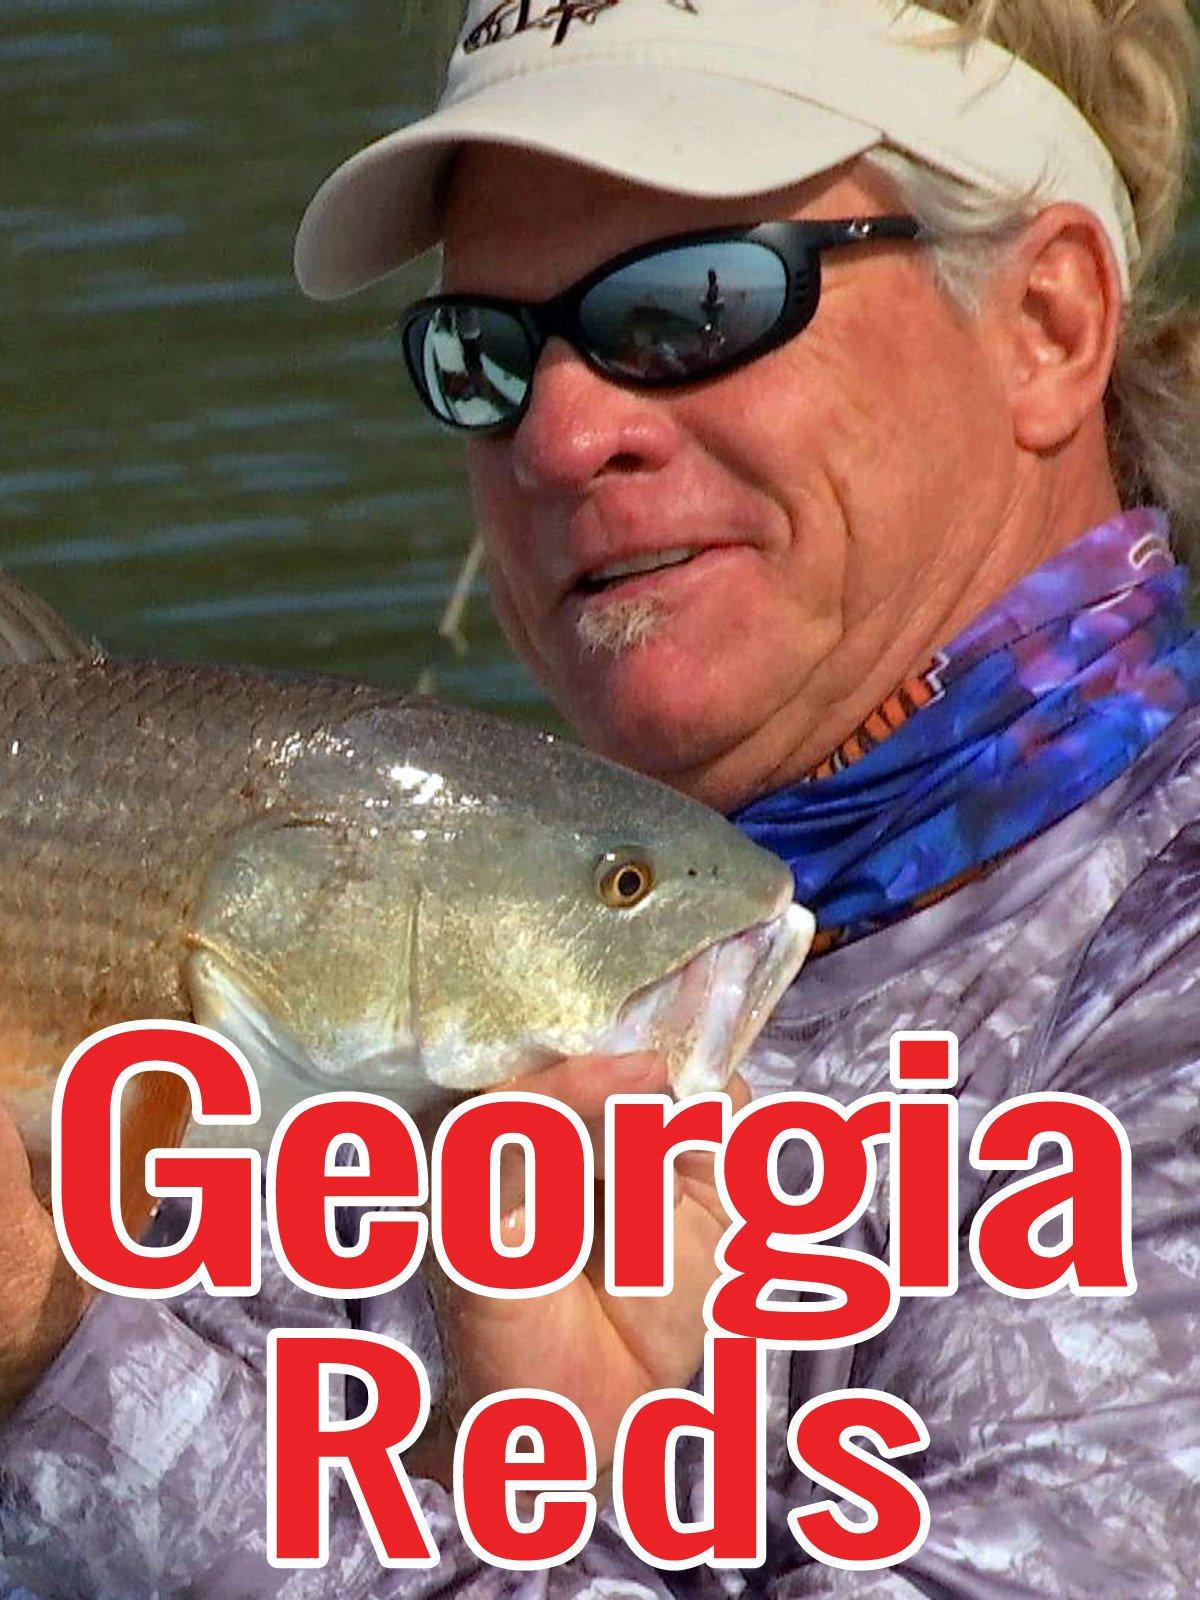 Clip: Georgia Reds